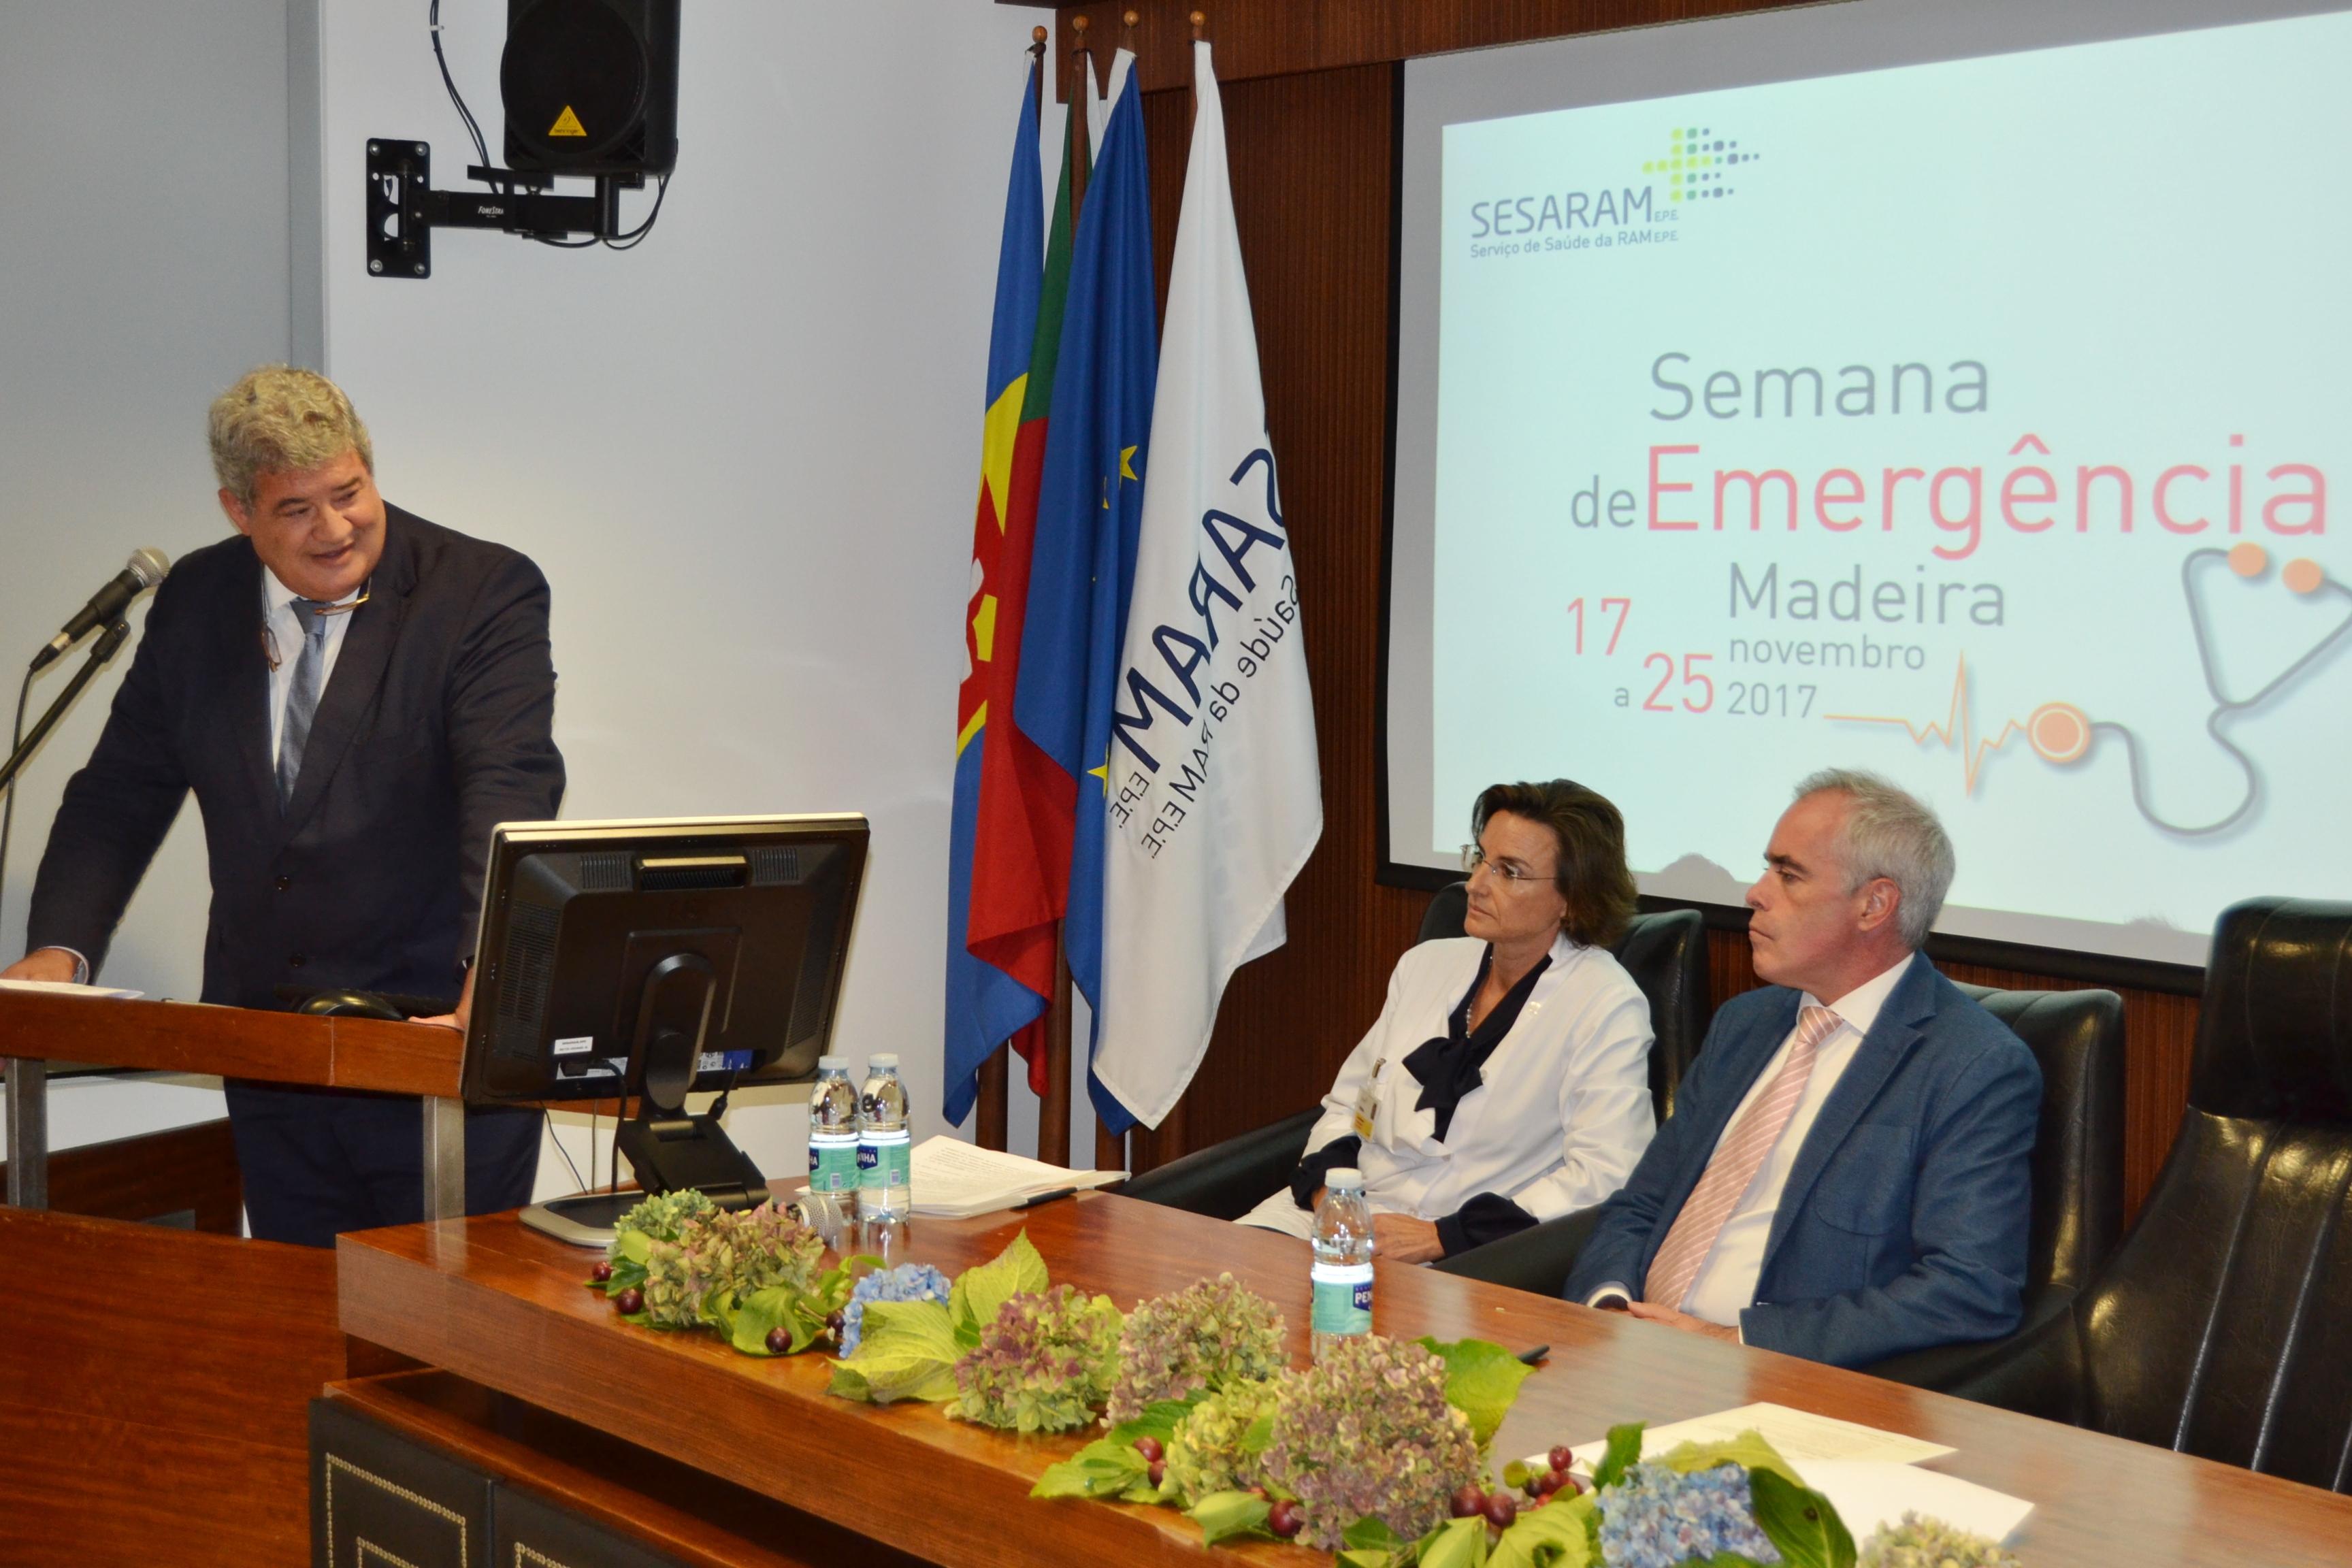 Centro de simulação clínica deverá ser referência nacional e internacional